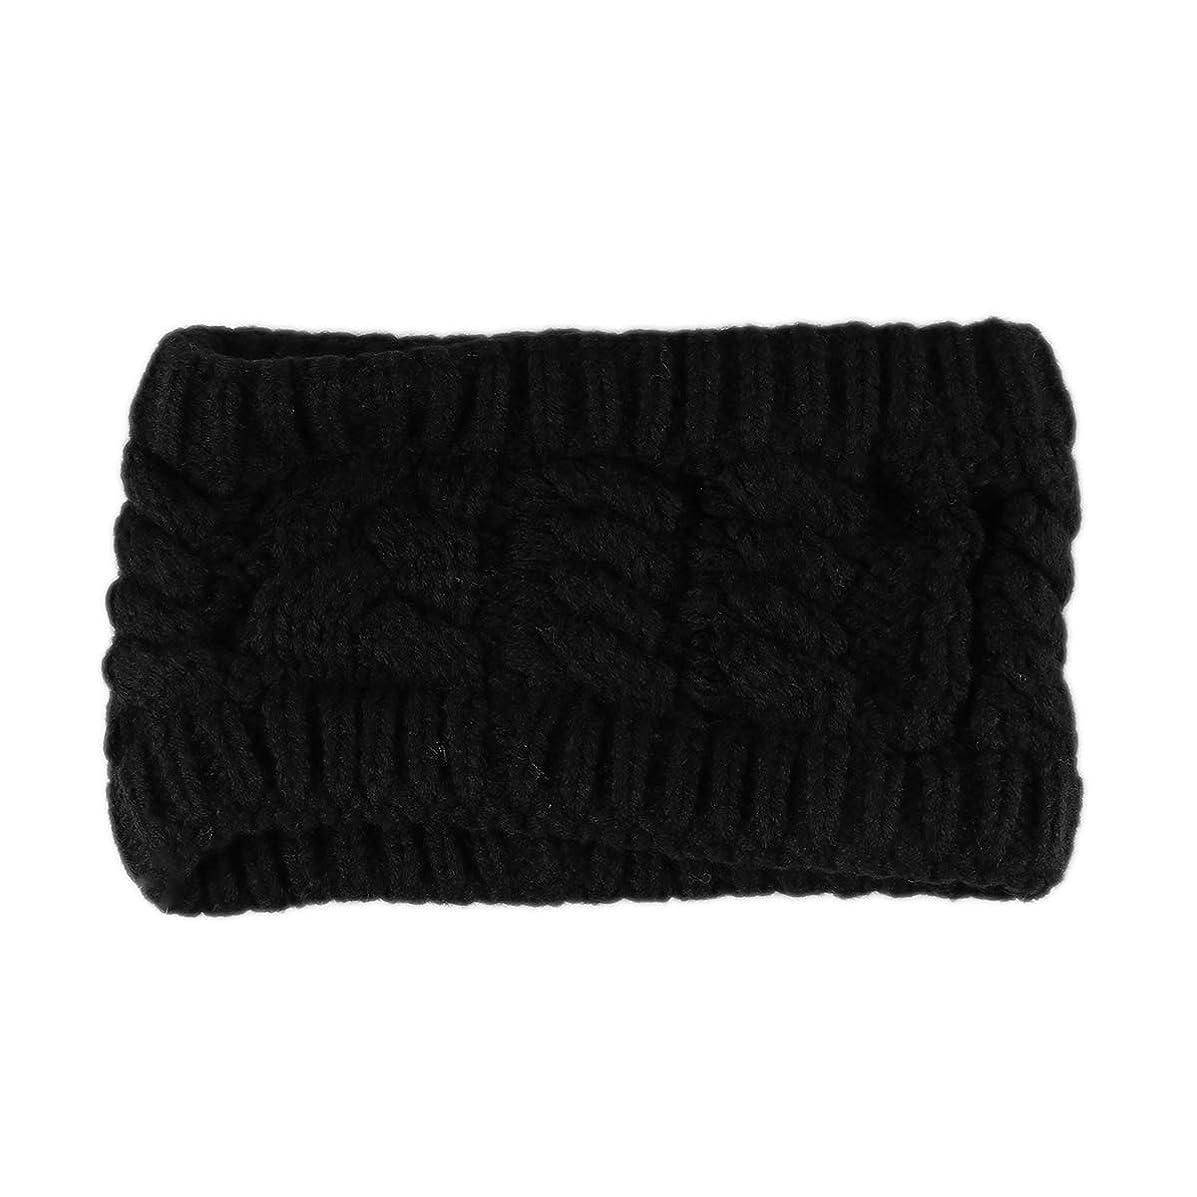 模倣長老系譜手作りの編み織りの髪のバンドヘッドバンド女性と女の子のためのヘアアクセサリー(ブラック)